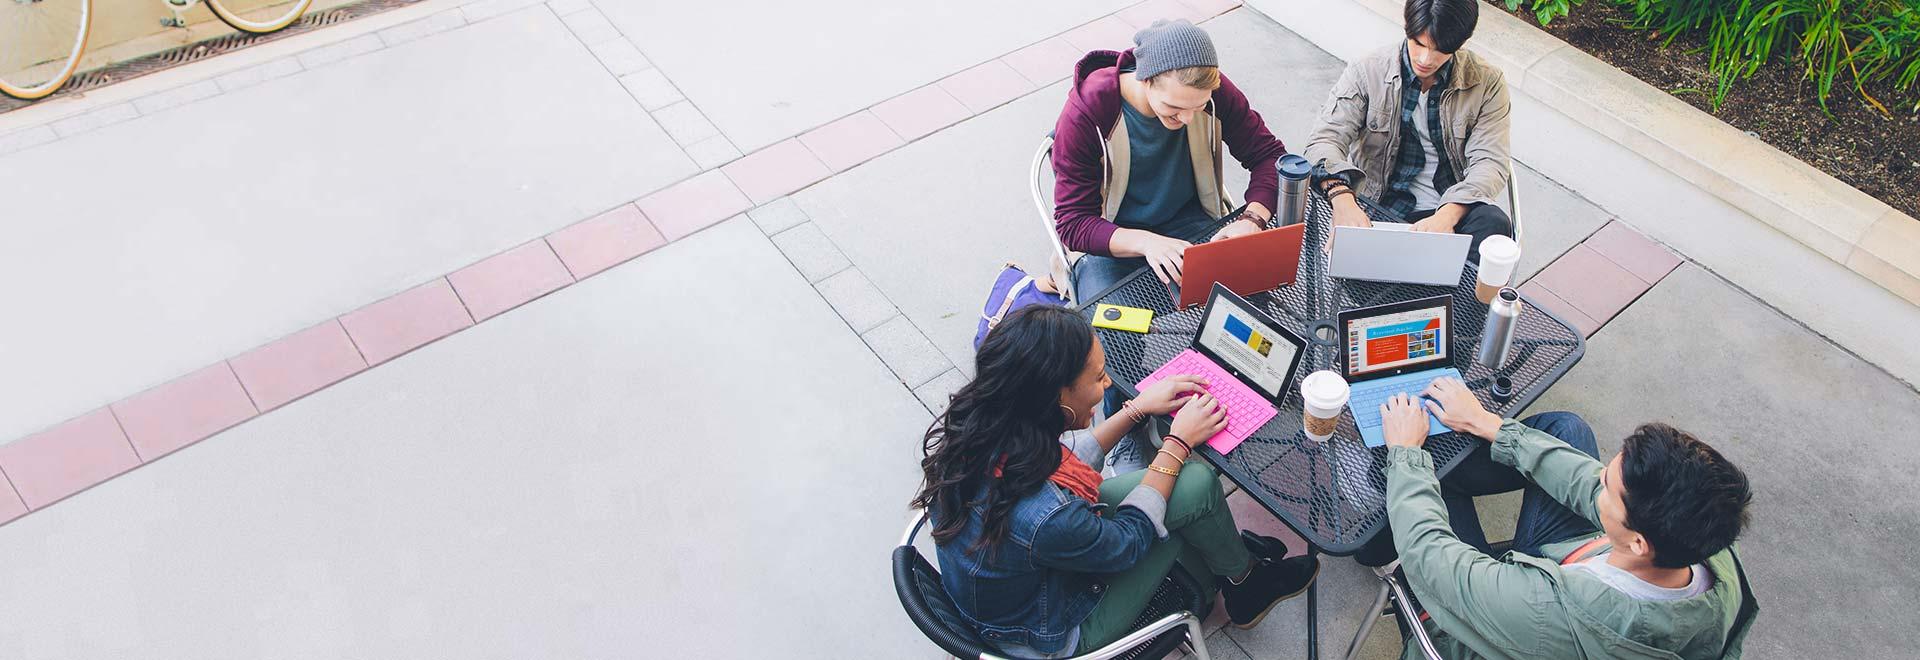 Fire studerende, der sidder ved et bord og bruger Office 365 Education på tablets.